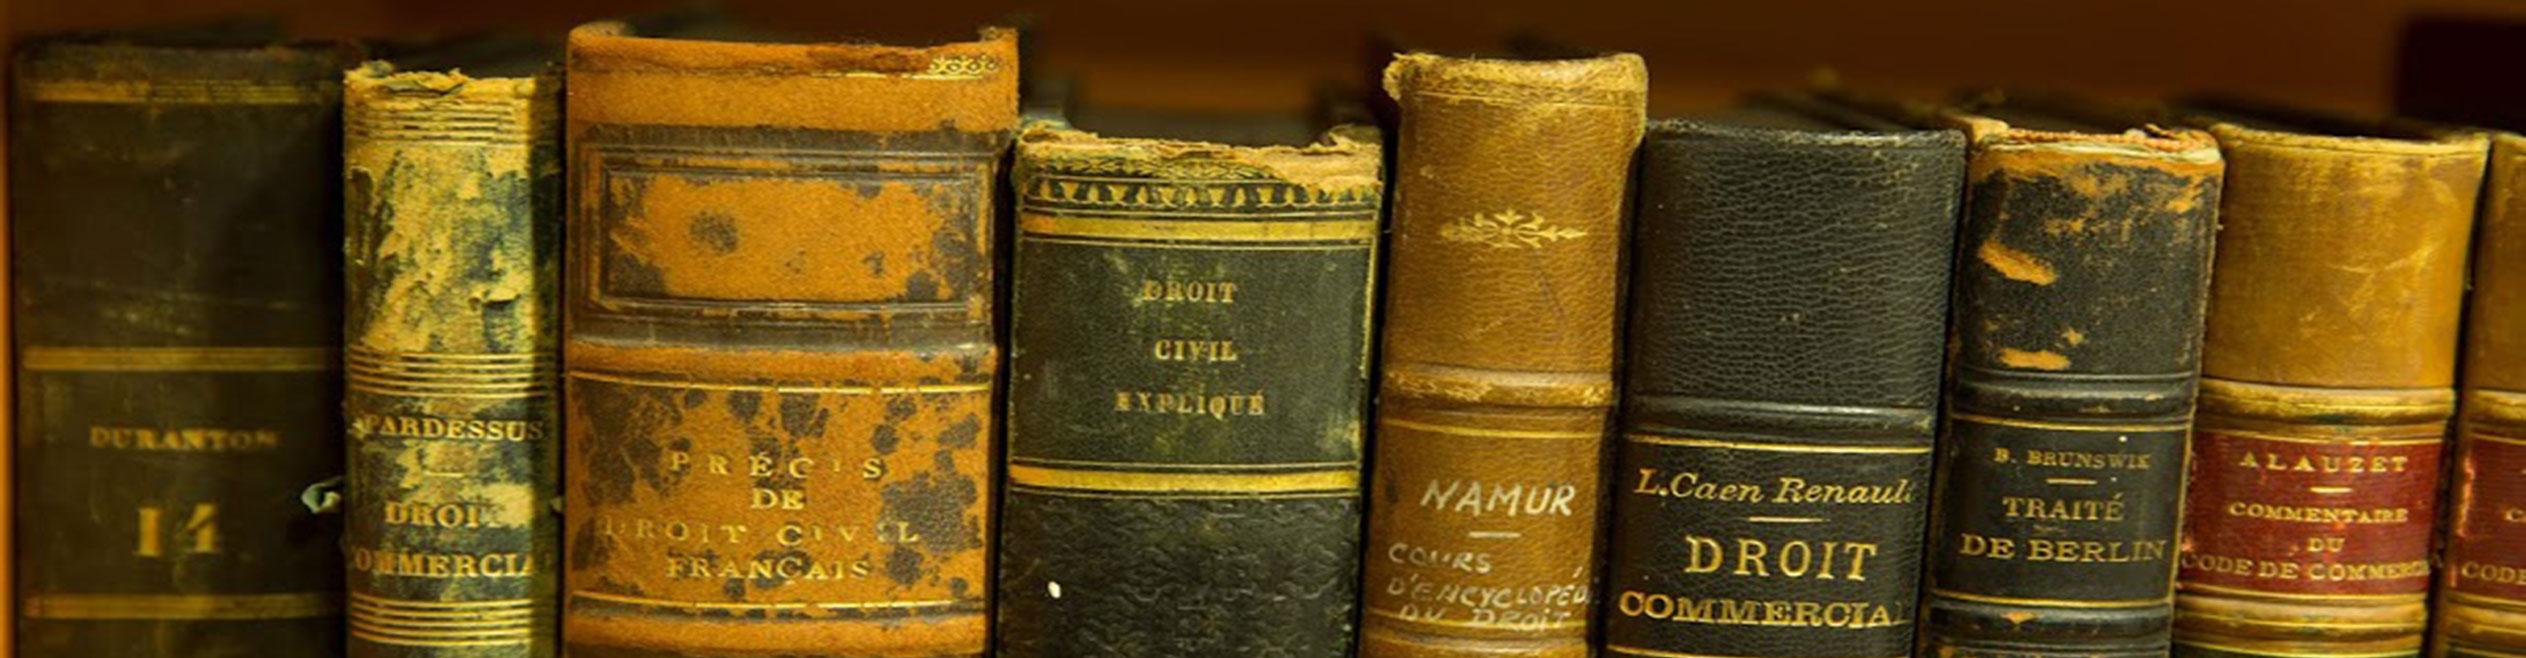 GSÜ Suna Kıraç Kütüphanesi